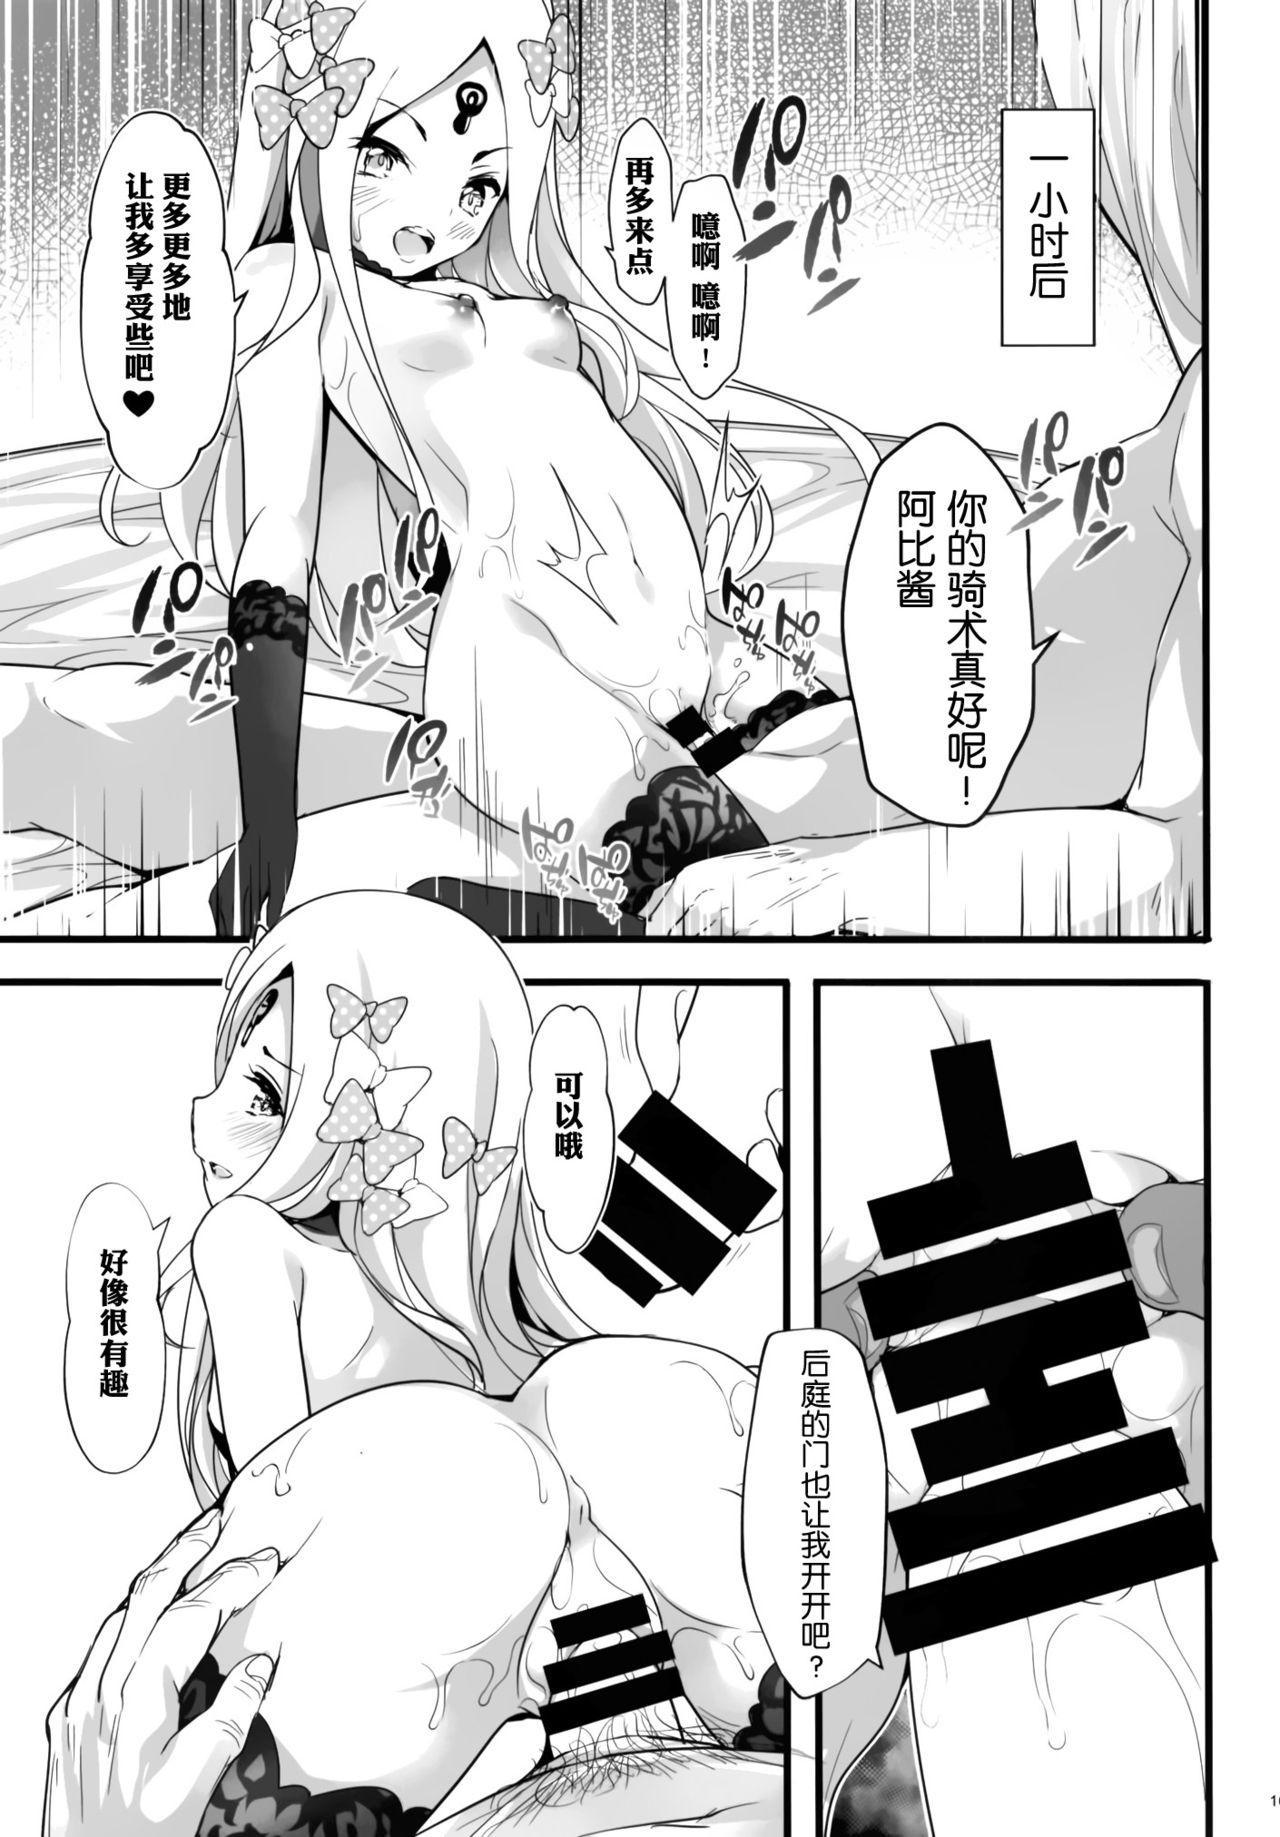 Seinaru Yoru no Okurimono 15